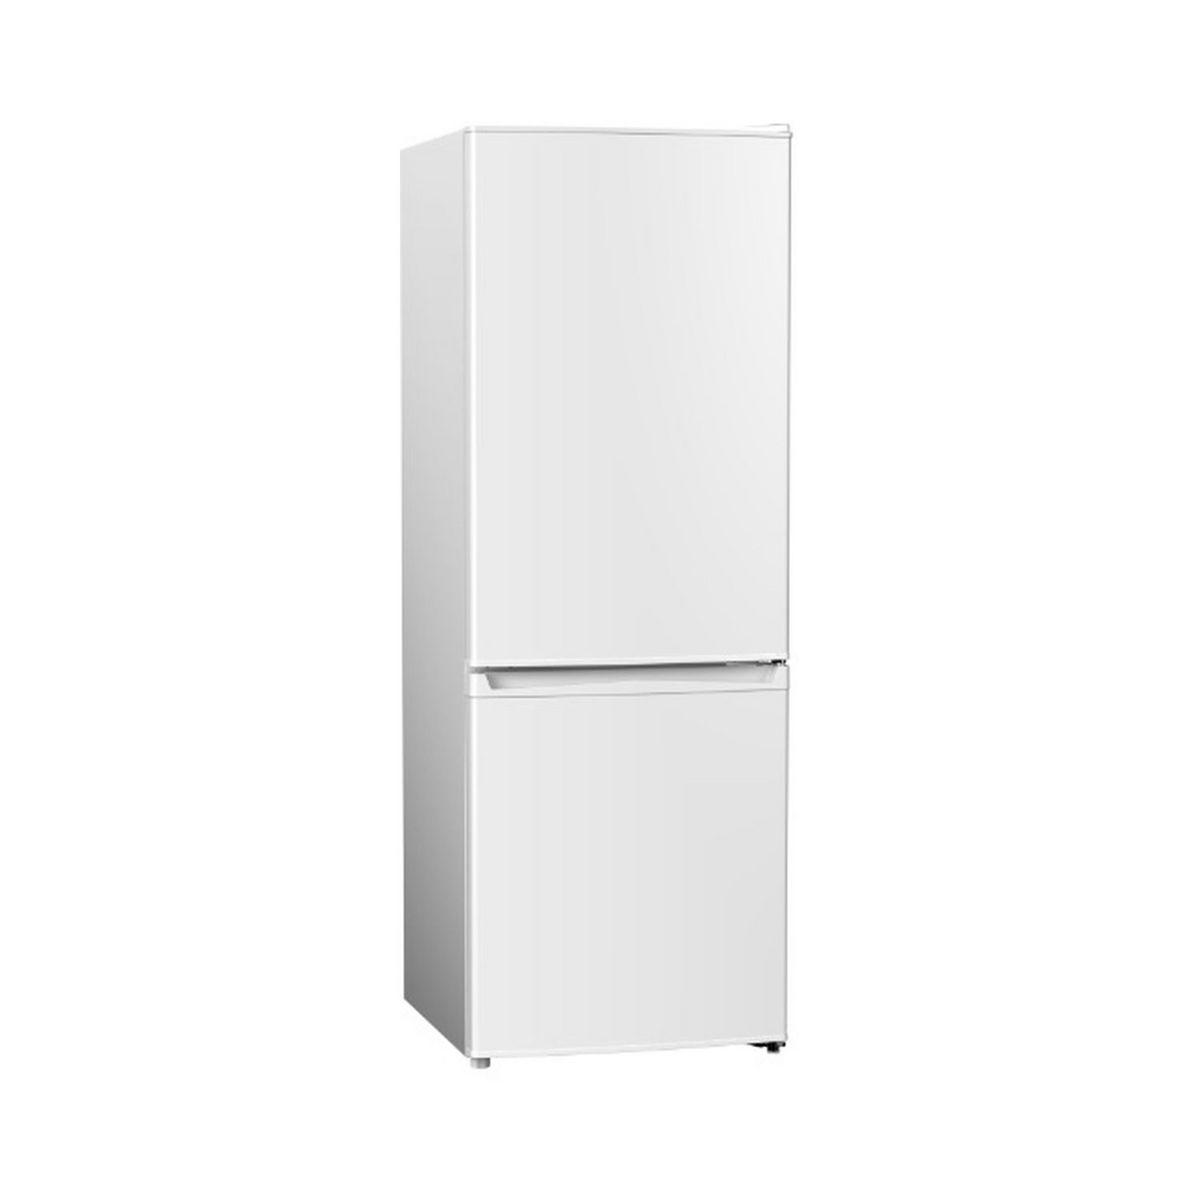 Réfrigérateur combiné 154600, 167 L, Froid statique